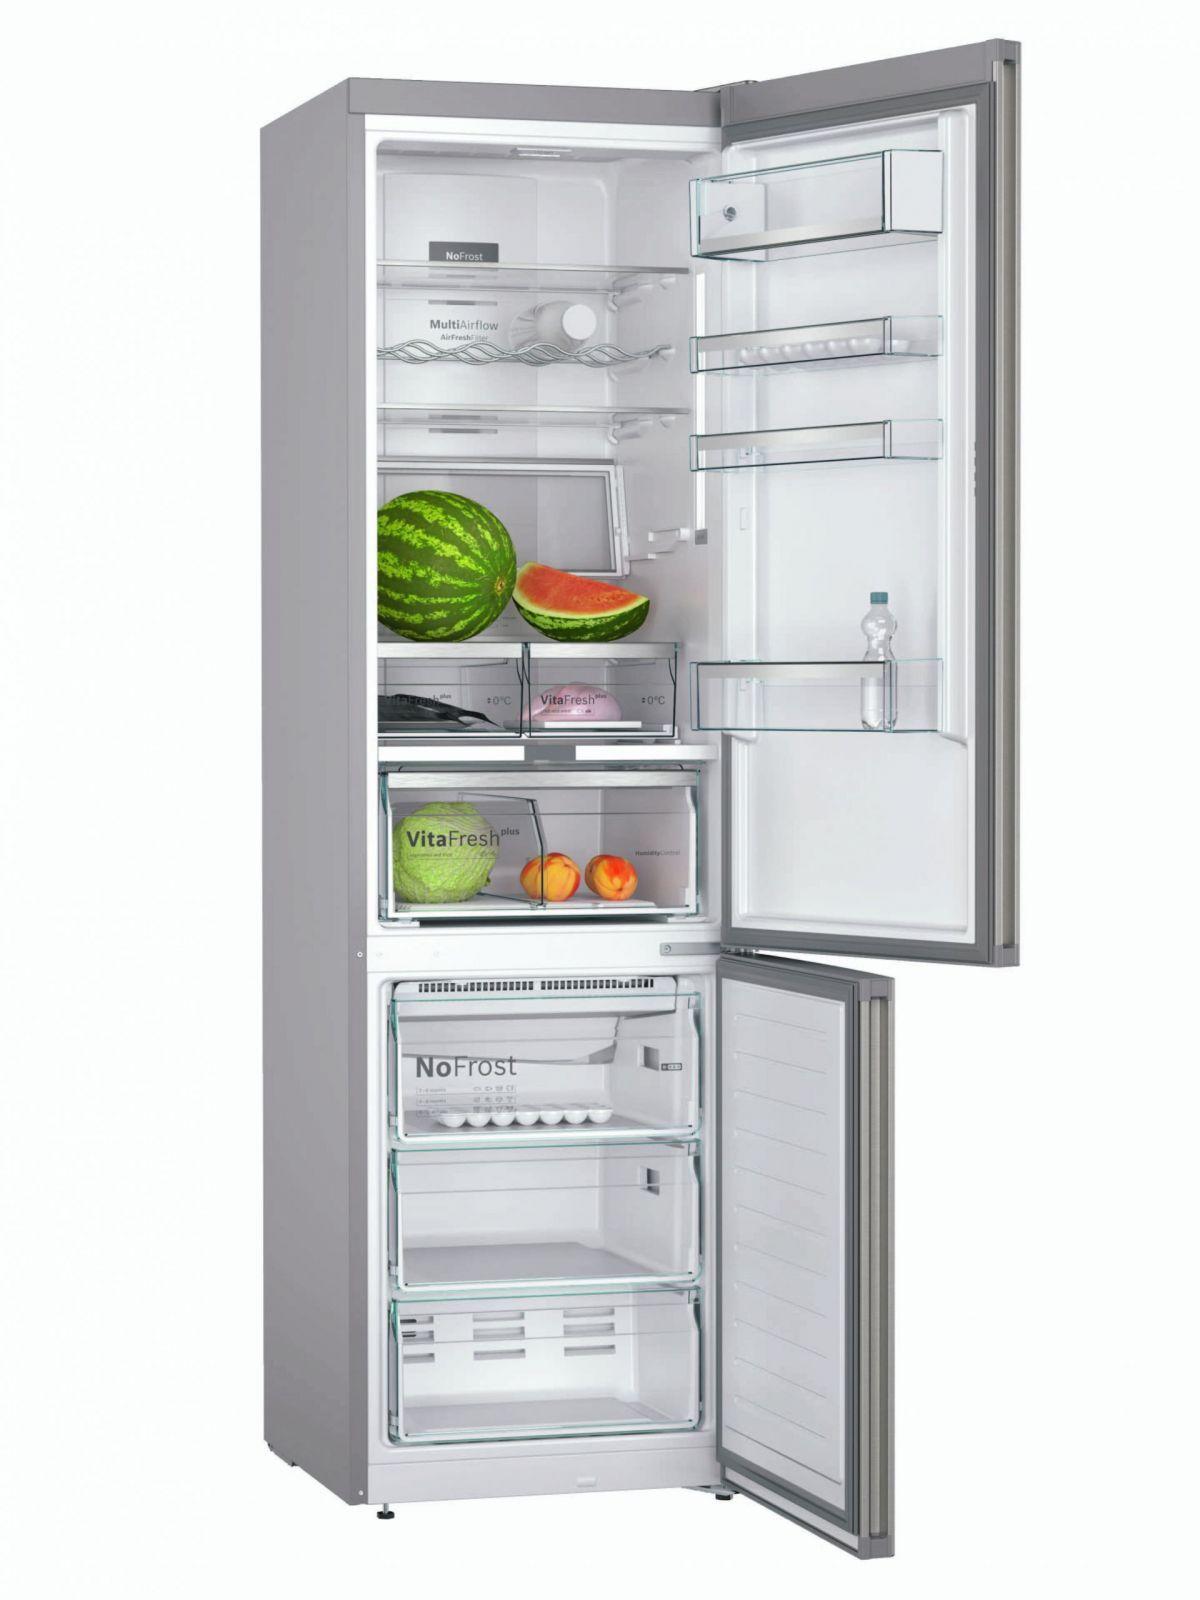 Новинки от BOSCH: холодильники, дольше сохраняющие свежесть продуктов, приложение для умного дома и многое другое (kgn39ai32r pga2 master 1 scaled)